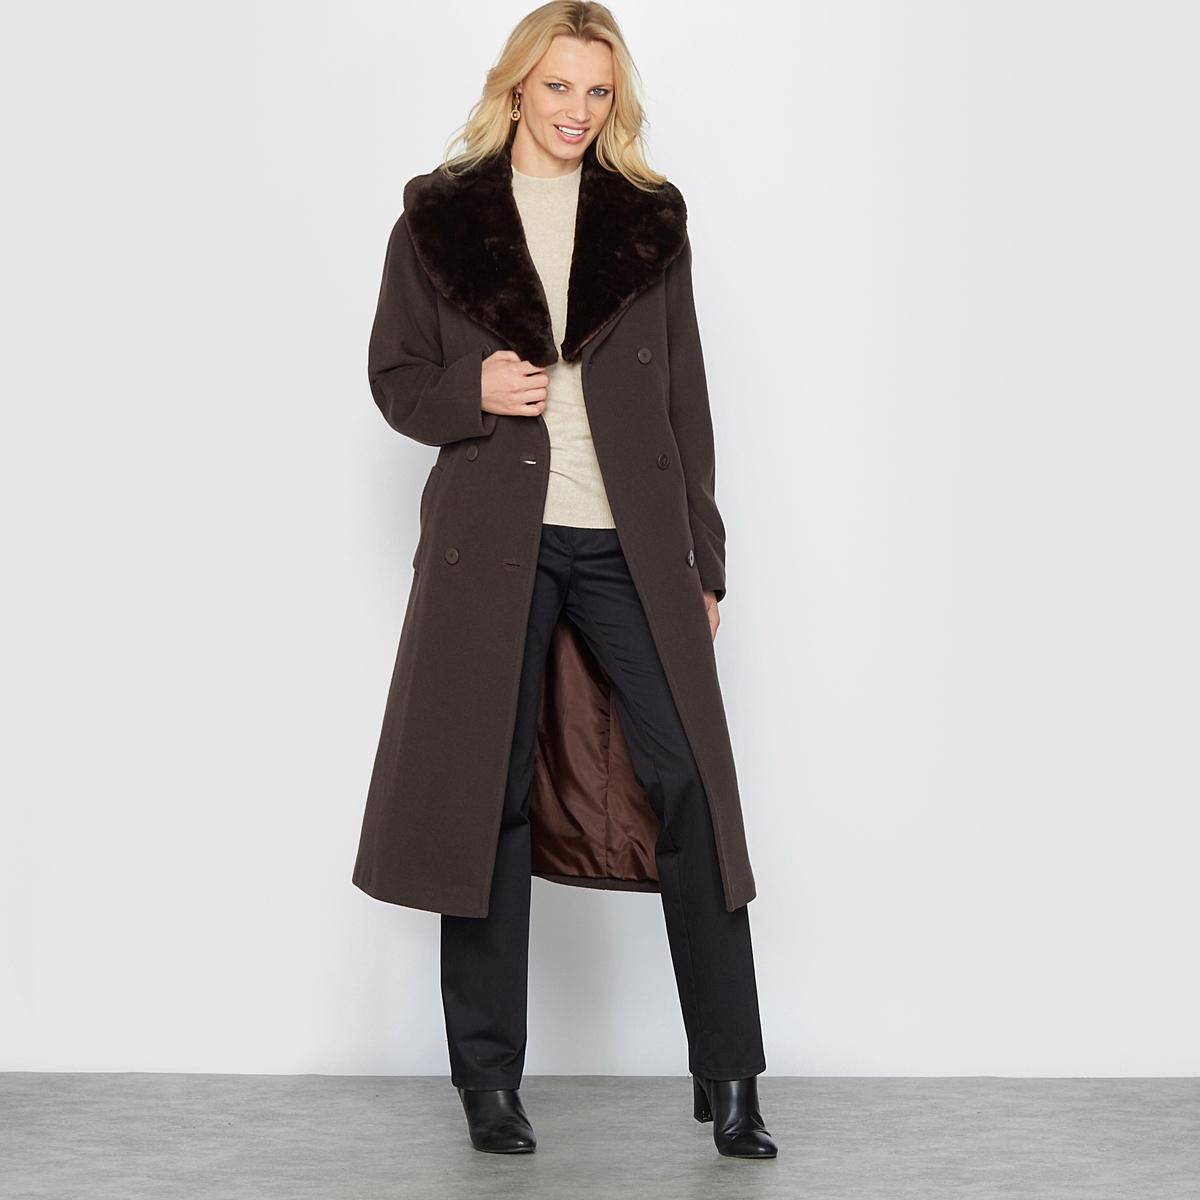 Пальто прямое из шерстиДлинное зимнее пальто, практичное и стильное, которое можно носить с воротником из искусственного меха или без него . Двубортная планка застежки. Модный пояс с завязками .Детали •  Длина  : удлиненная модель •  Воротник-поло, рубашечный • Застежка на пуговицыСостав и уход •  70% шерсти, 10% кашемира, 20% полиамида •  Подкладка : 100% полиэстер • Не стирать •  Любые растворитель / не отбеливать   •  Не использовать барабанную сушку •  Низкая температура глажки<br><br>Цвет: серый меланж/черный,темно-бежевый / шоколадный,черный/ черный<br>Размер: 40 (FR) - 46 (RUS).50 (FR) - 56 (RUS).50 (FR) - 56 (RUS).38 (FR) - 44 (RUS)